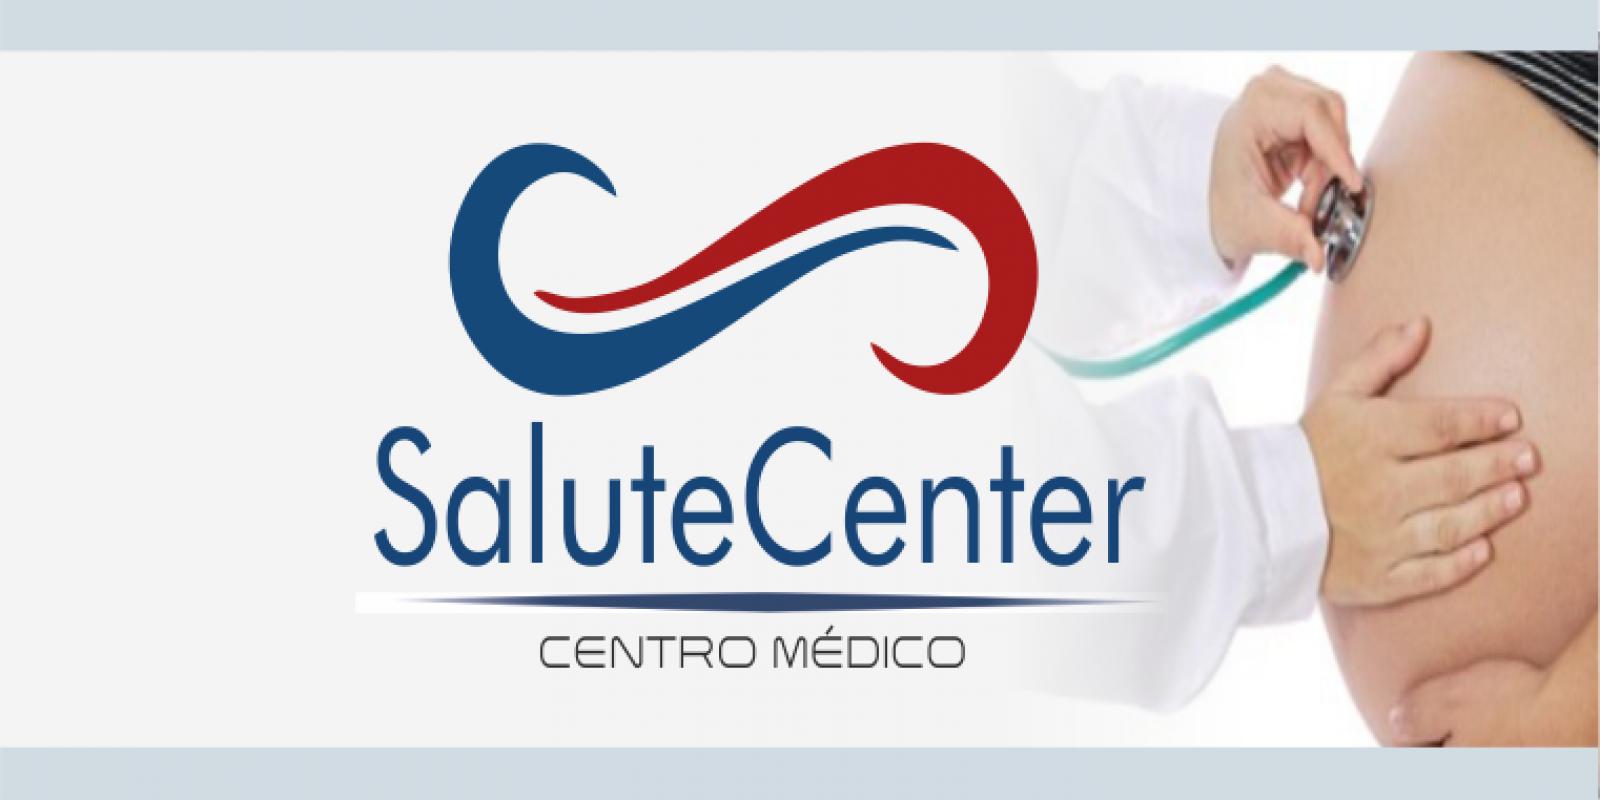 Salute Center - Centro Médico